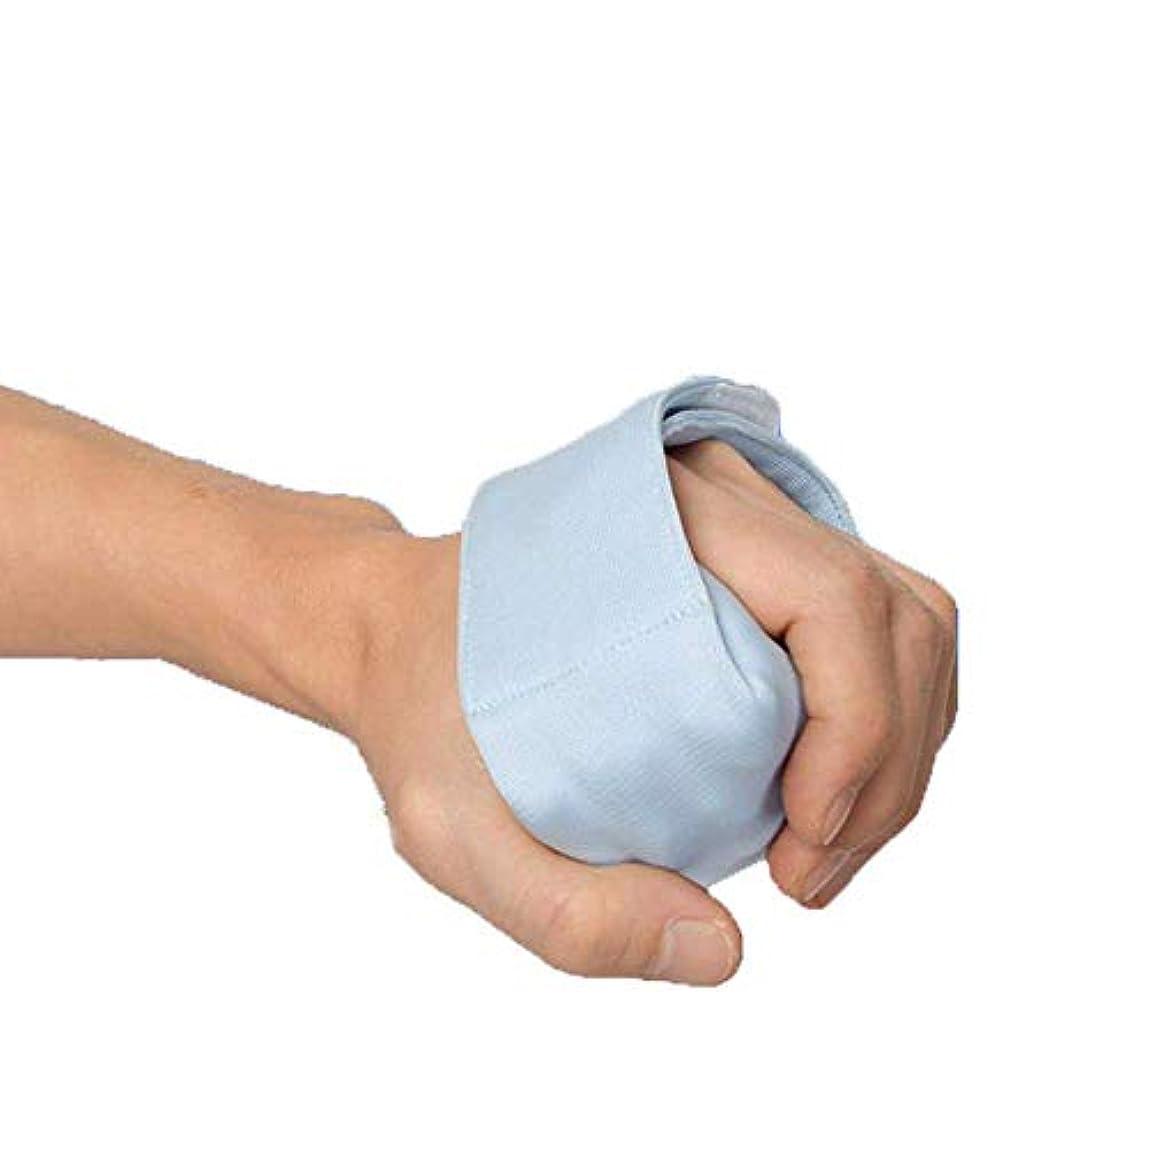 バージン大胆裁定指拘縮クッションリハビリテーションエイド - 人間工学に基づいたパームグリップ セパレートフィンガーズ&フィンガーフェスティング防止,L